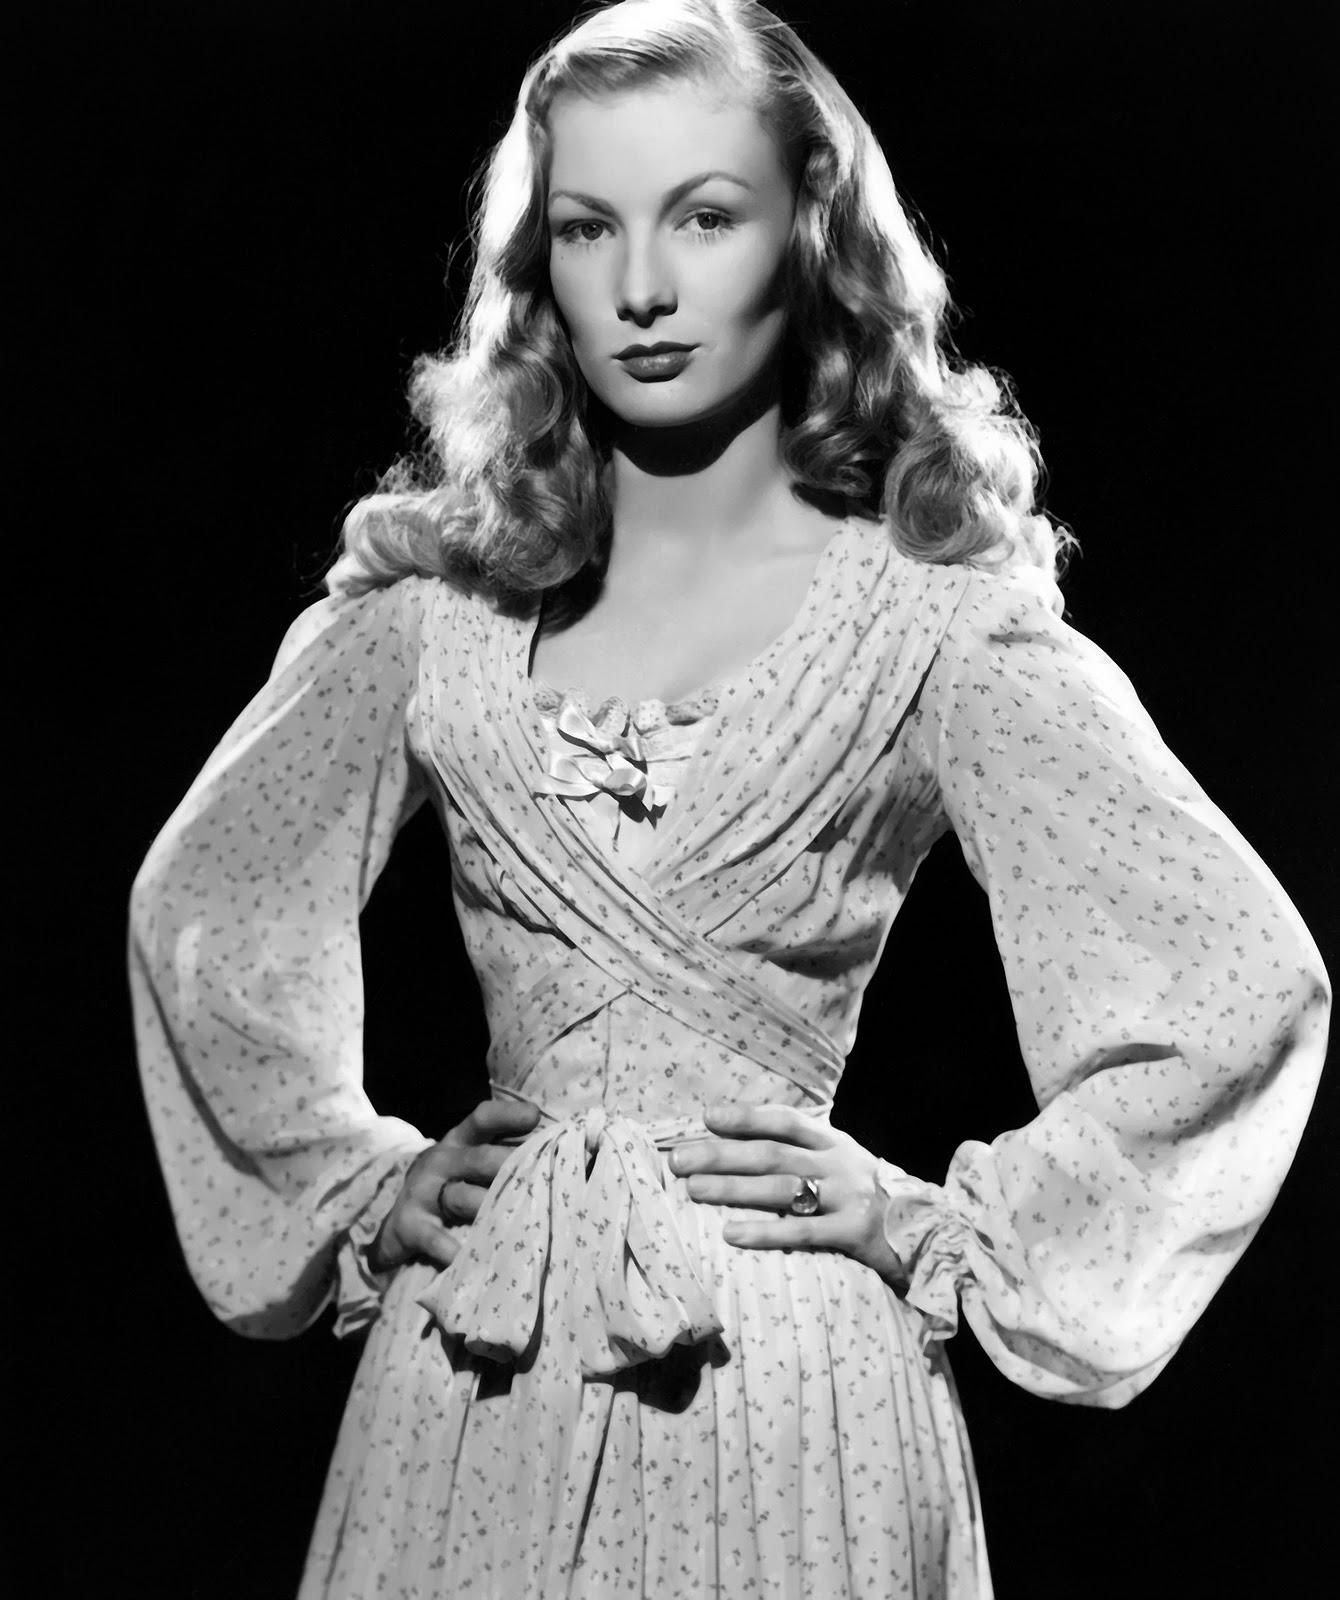 Women of 40s 50s Movie Stars